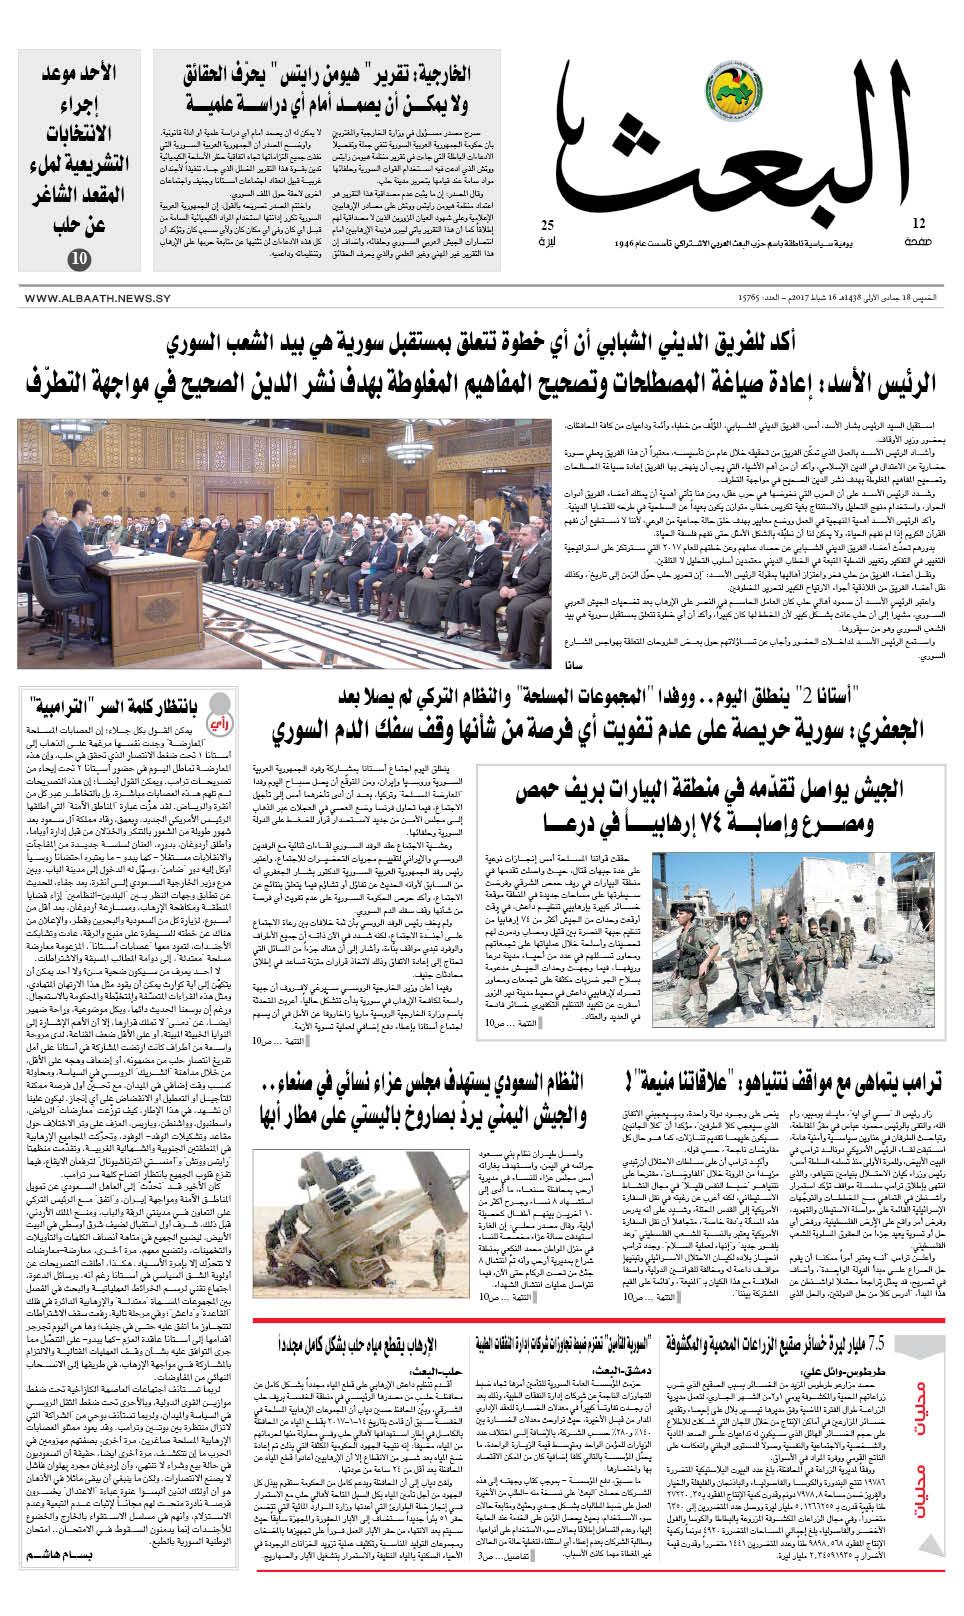 لتصفح العدد 15765 تاريخ 16-2-2017